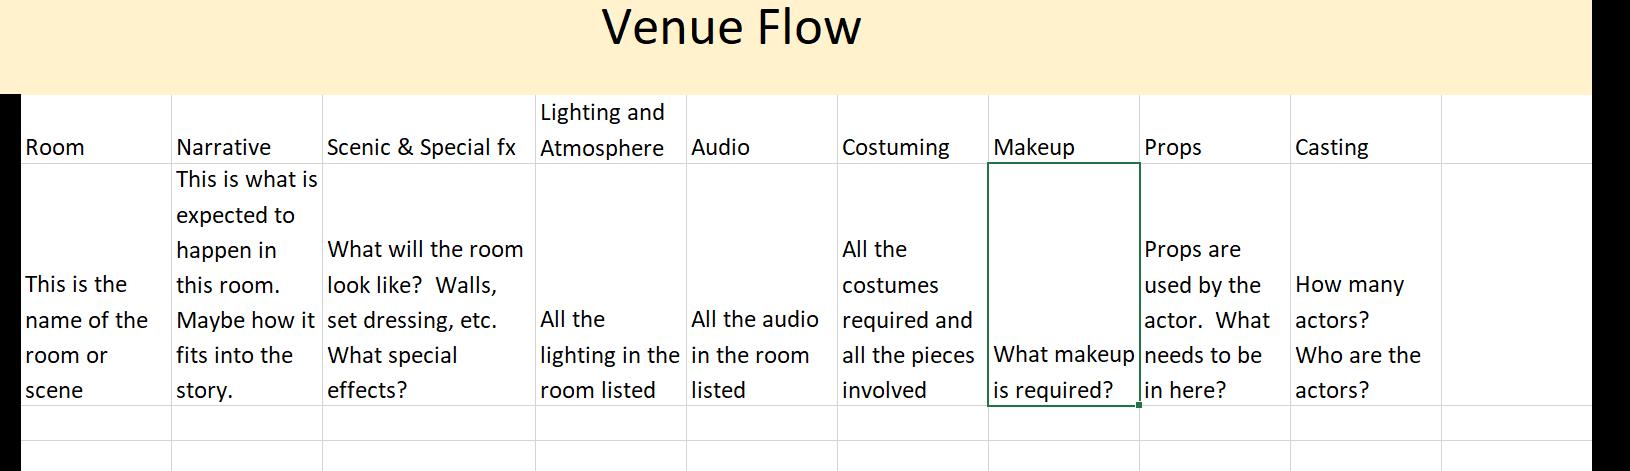 Name:  venue flow image.PNG Views: 49 Size:  43.8 KB